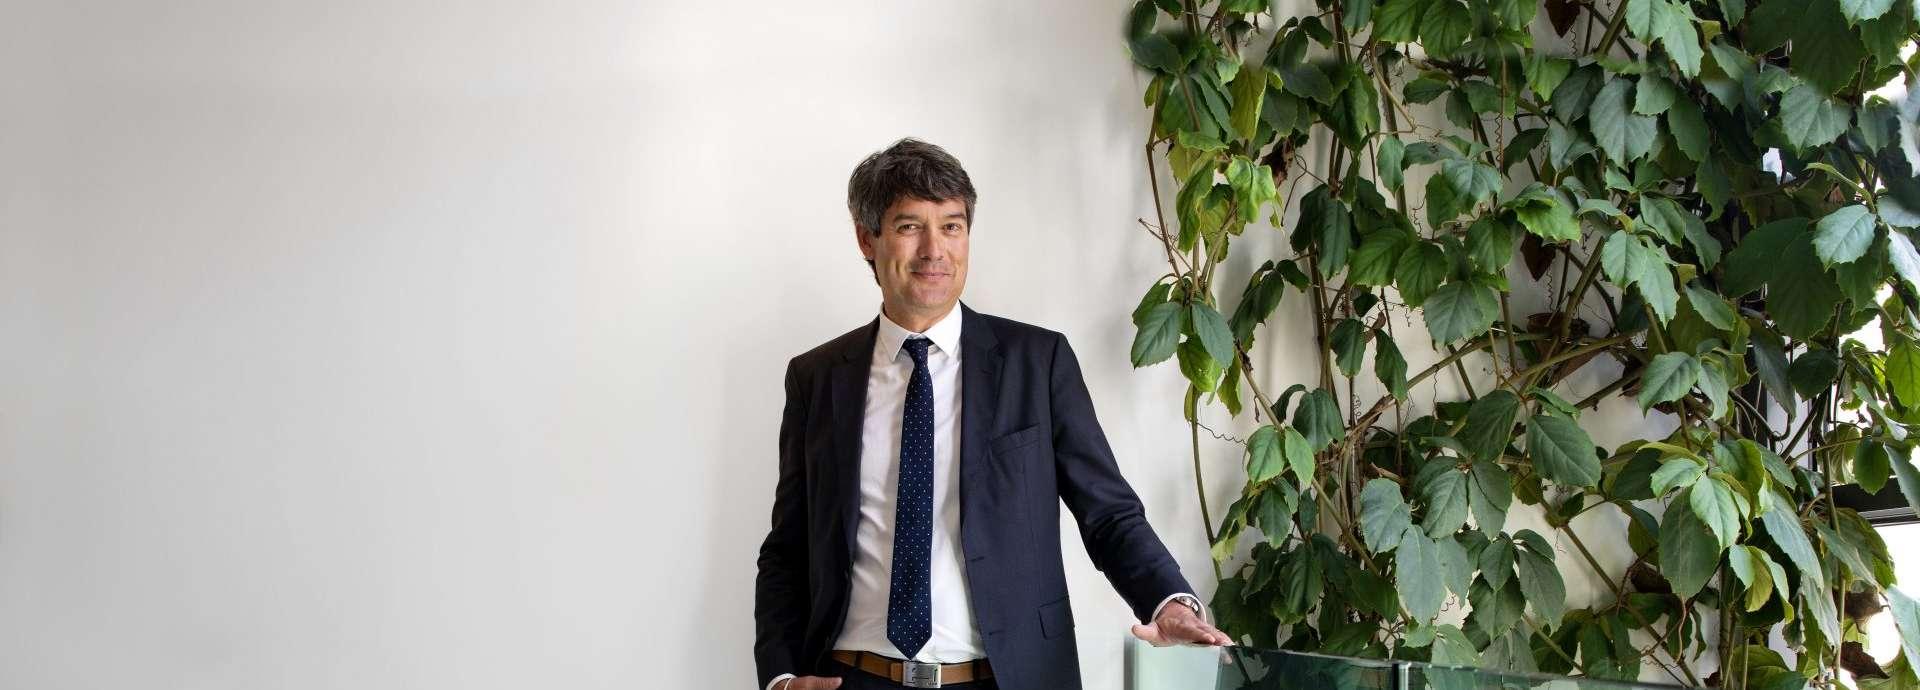 portrait courtier immobilier genève Moser Vernet et Cie SA